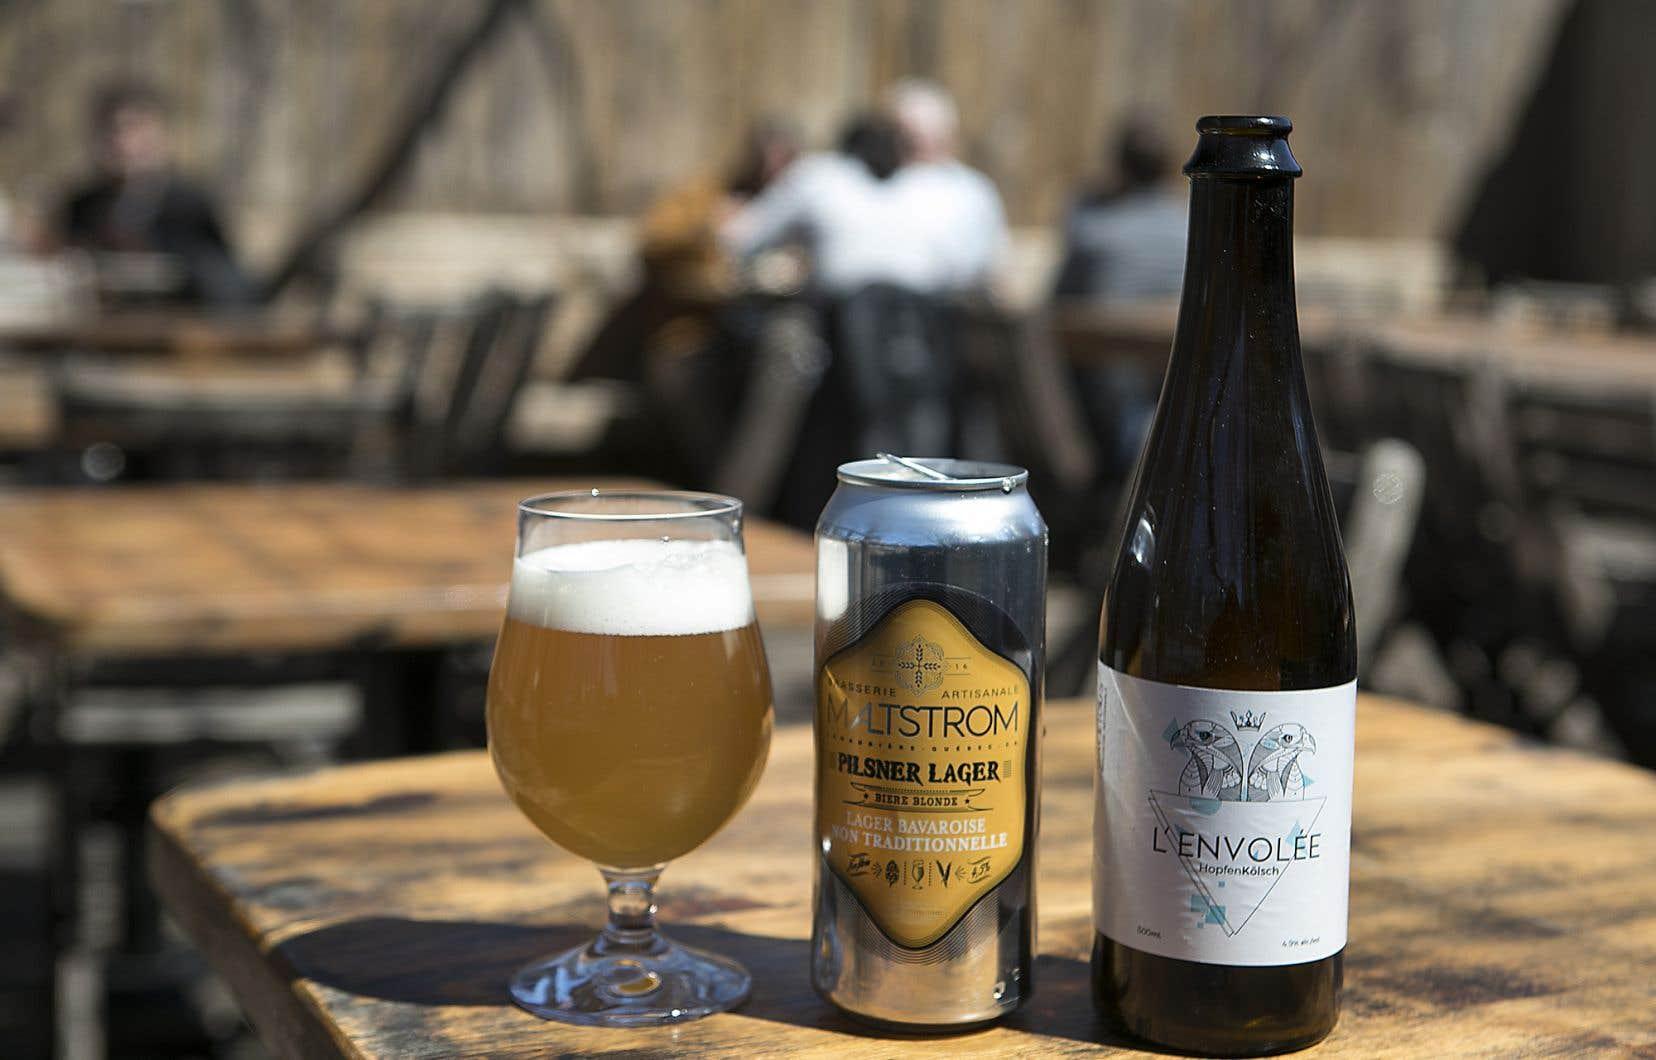 La Pilsner Lager de la brasserie Maltstrom, à Notre-Dame-des-Prairies, et L'Envolée de la brasserie Gallicus, à Gatineau.